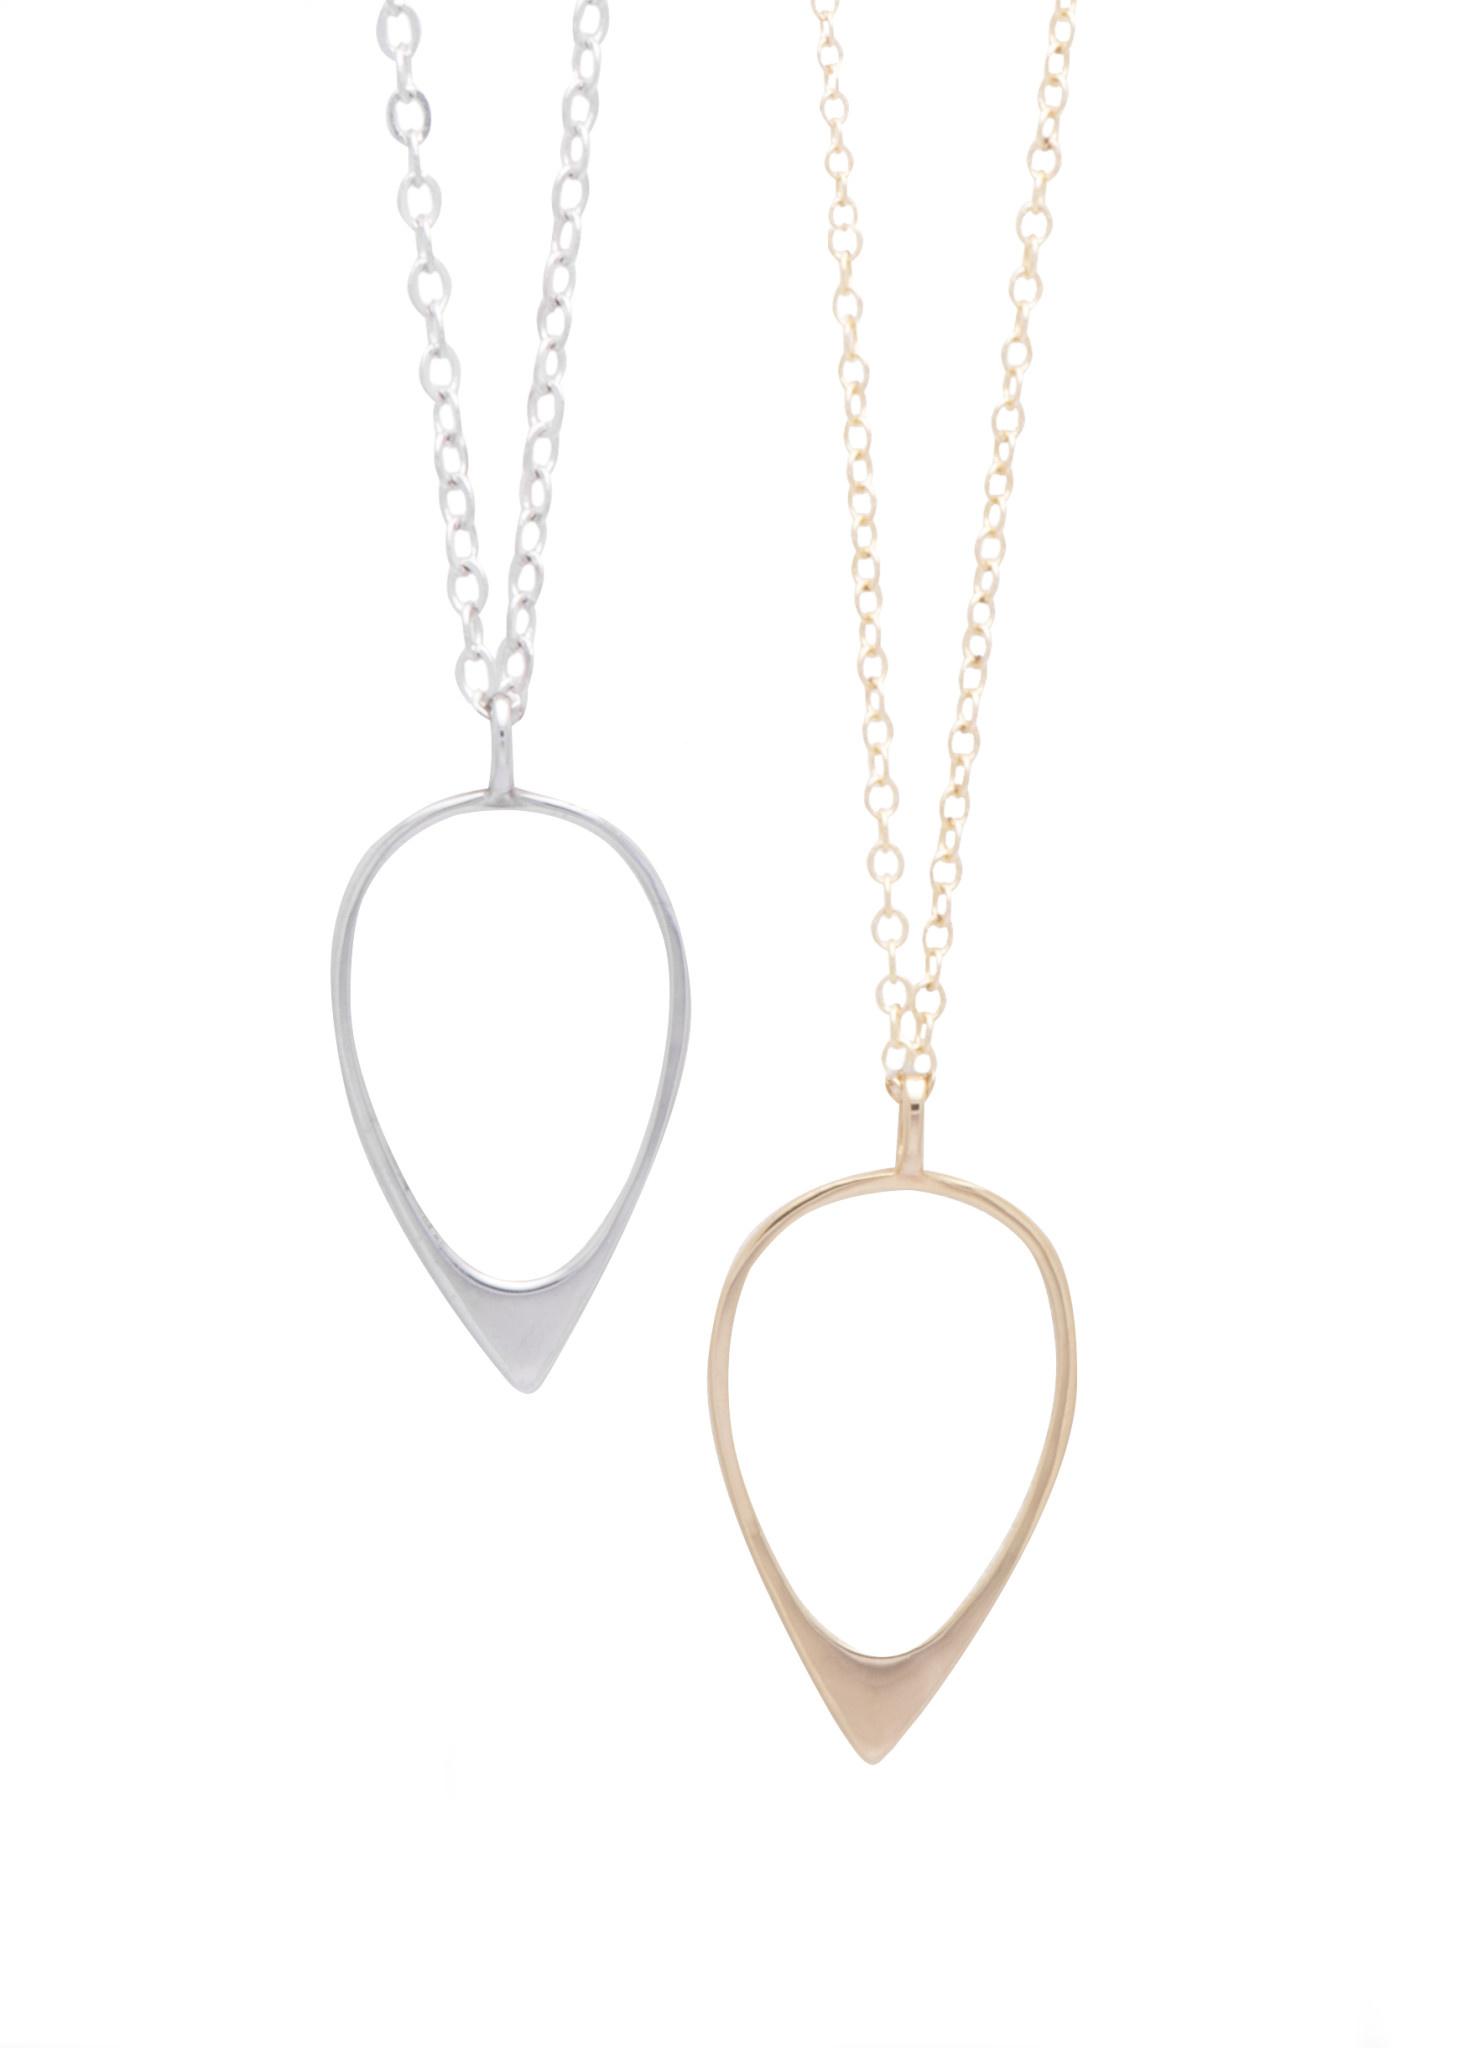 Sarah Mulder Jewelry Sarah Mulder Jewelry - Collier Ariam Petit